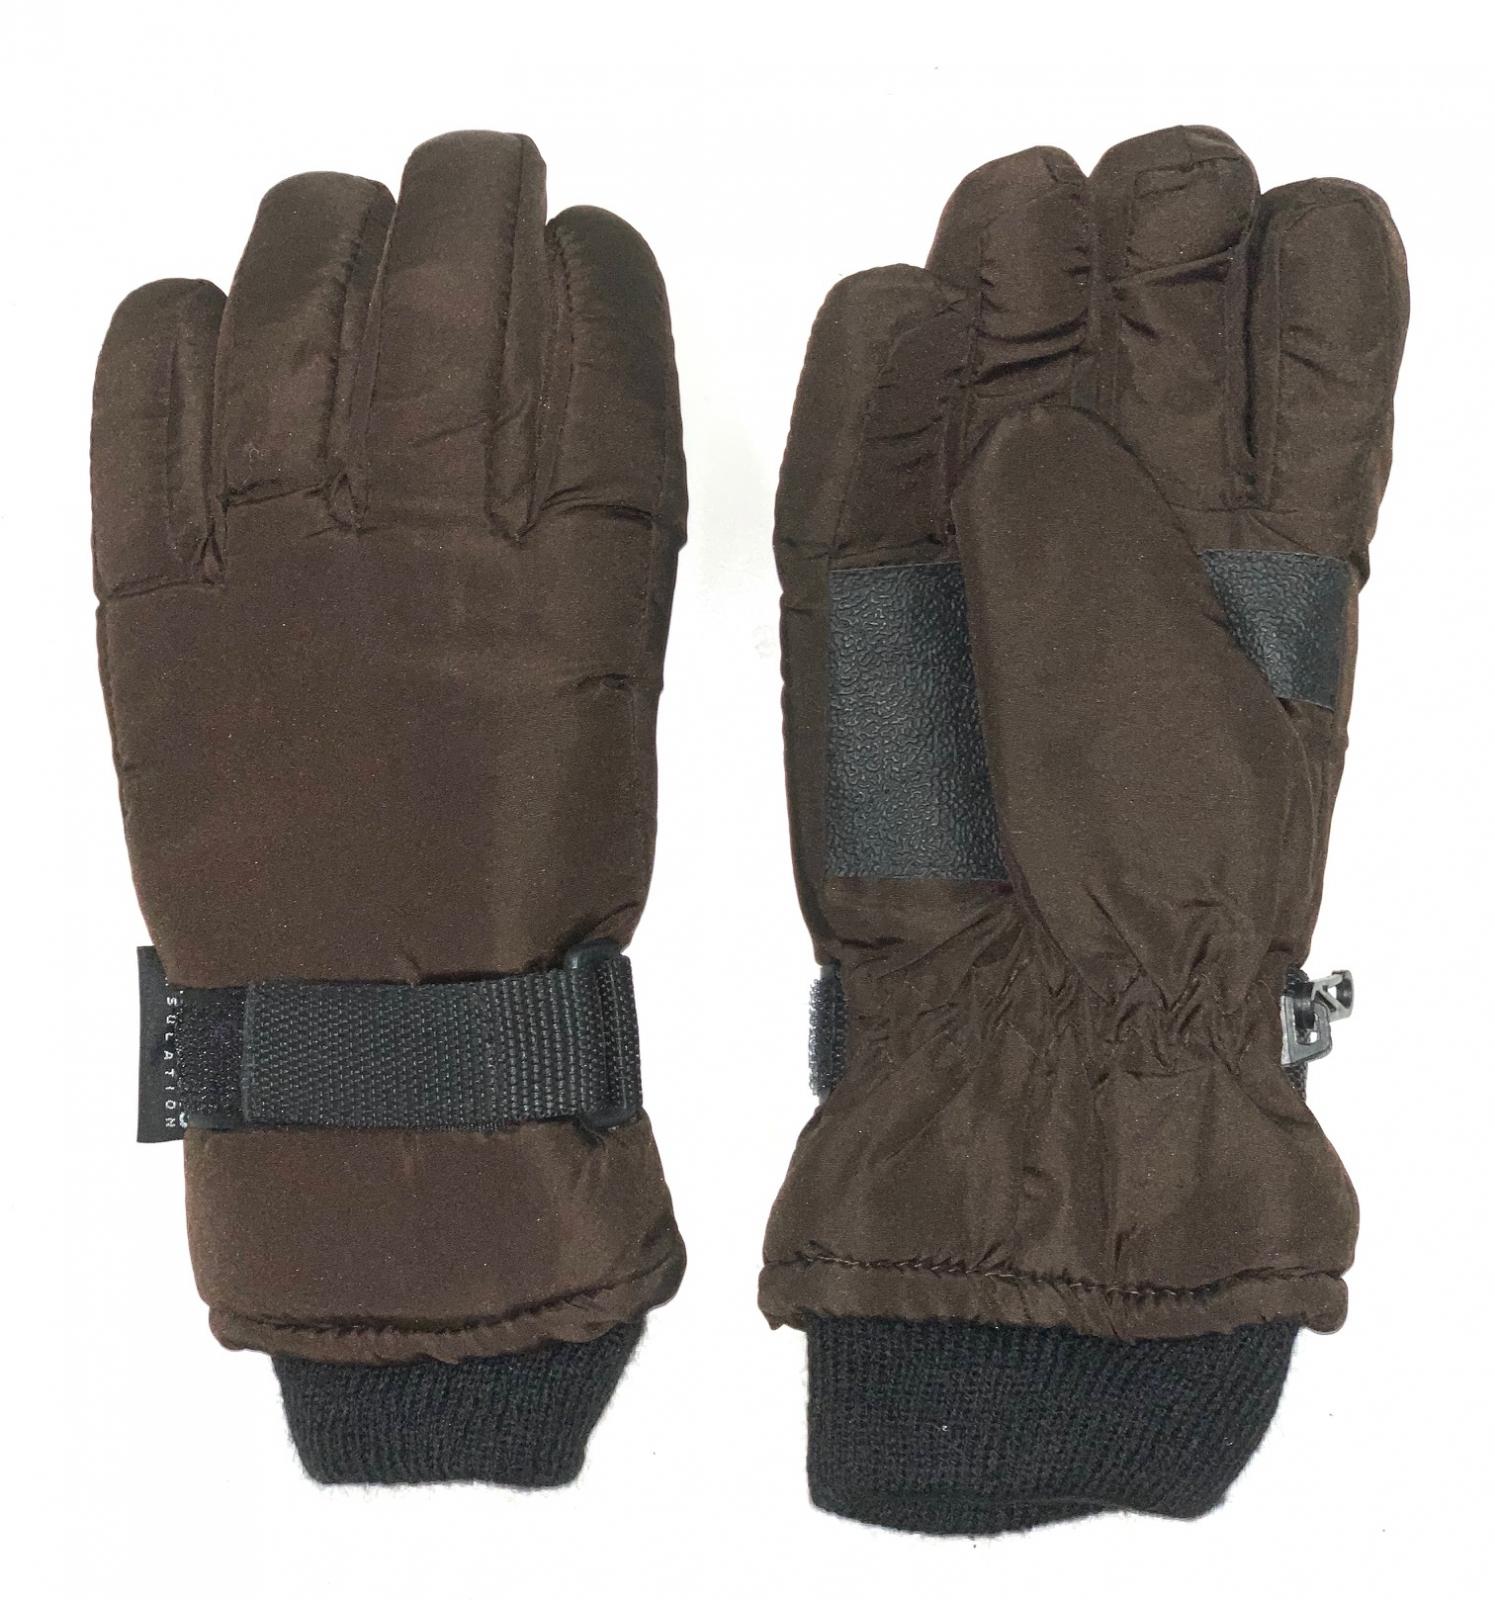 Теплые перчатки коричневого цвета с манжетами